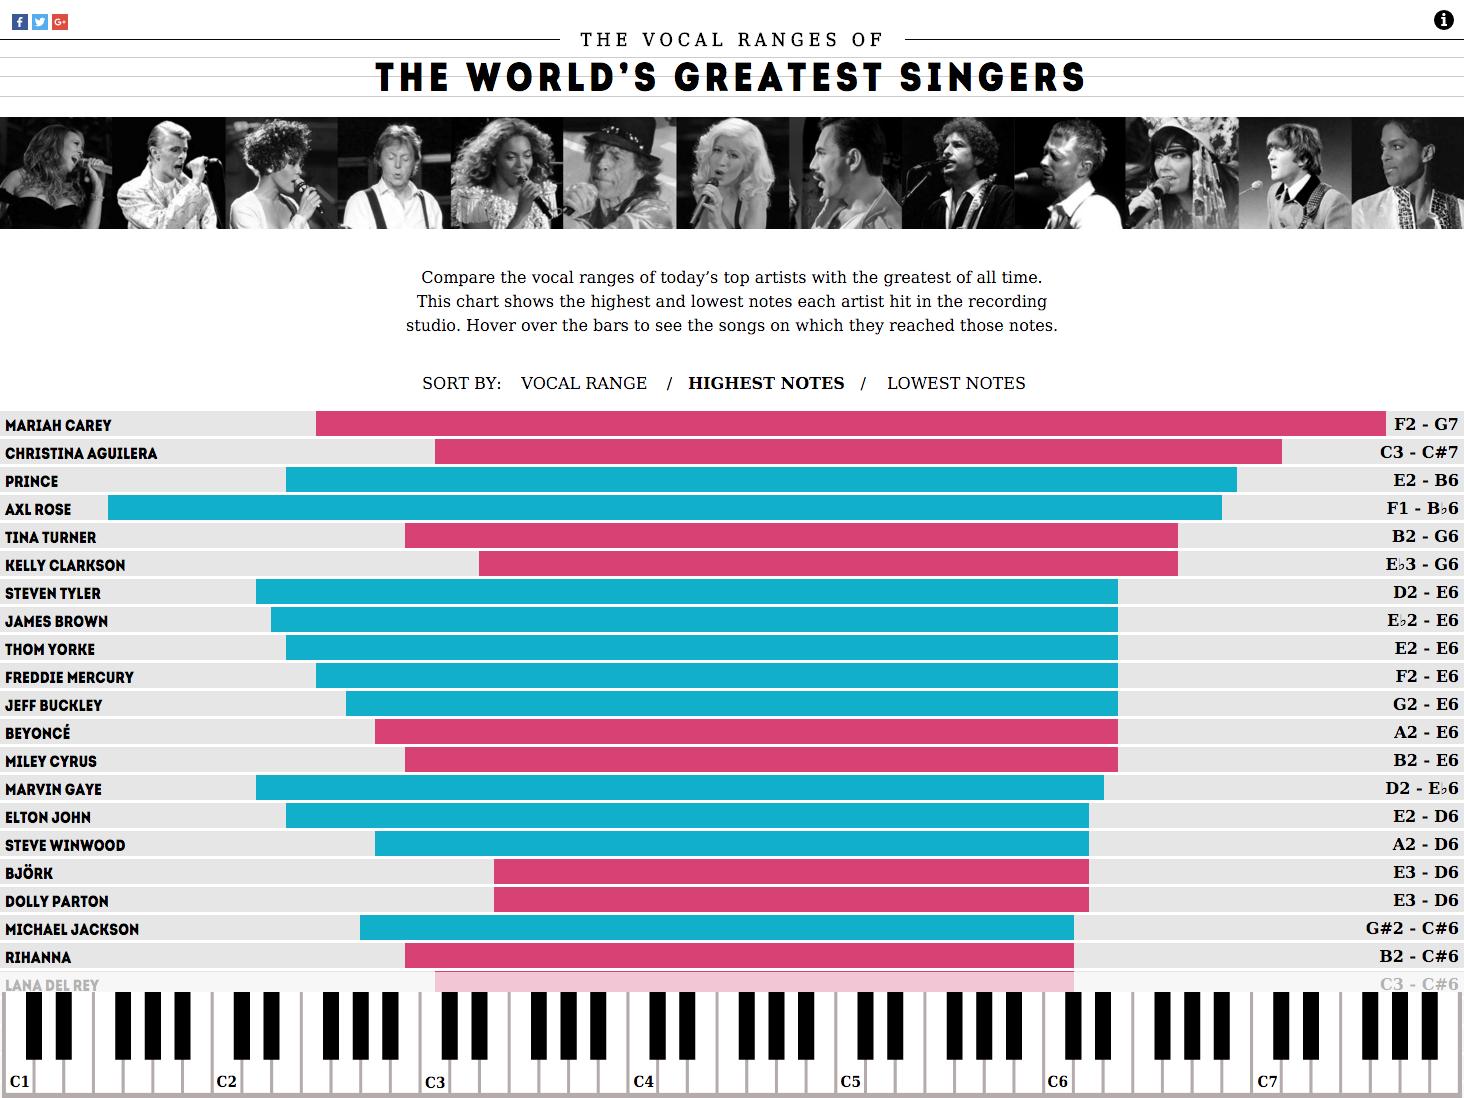 Concert Hotels Vocal Ranges 2.png